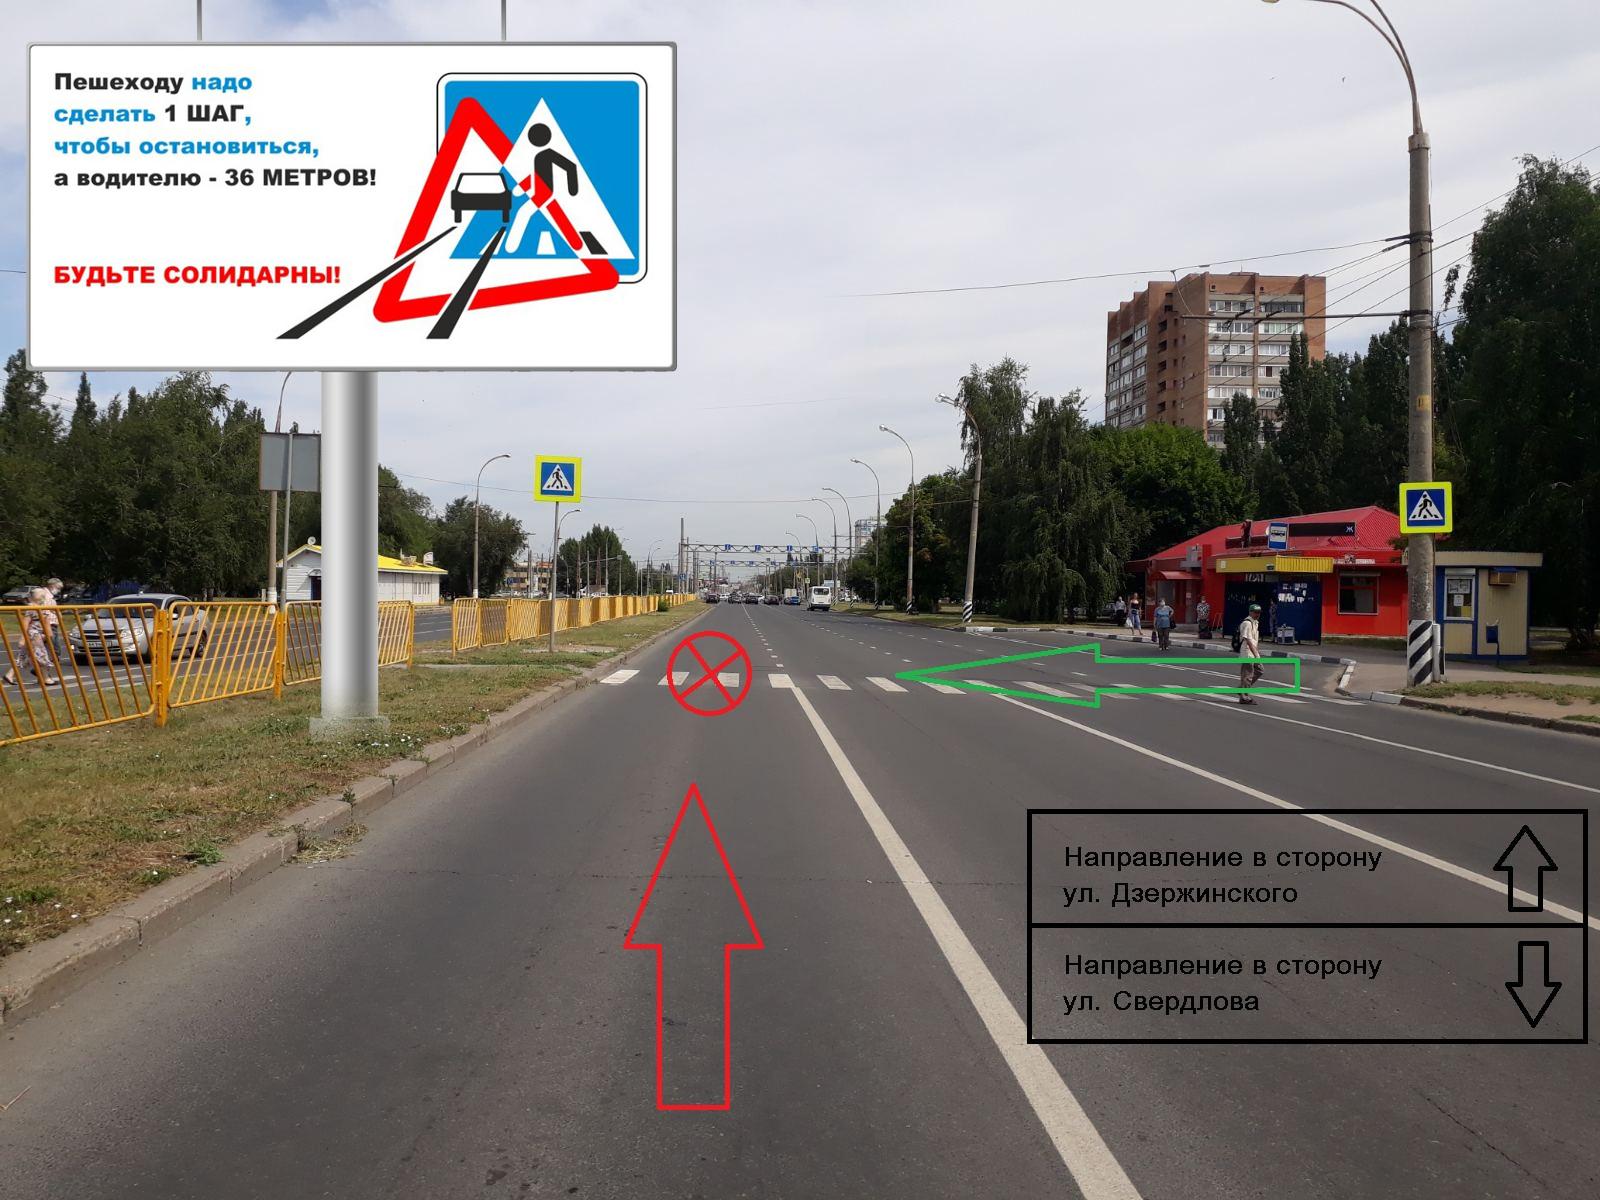 В Тольятти на переходе машина сбила бабушку с 3-летним ребенком